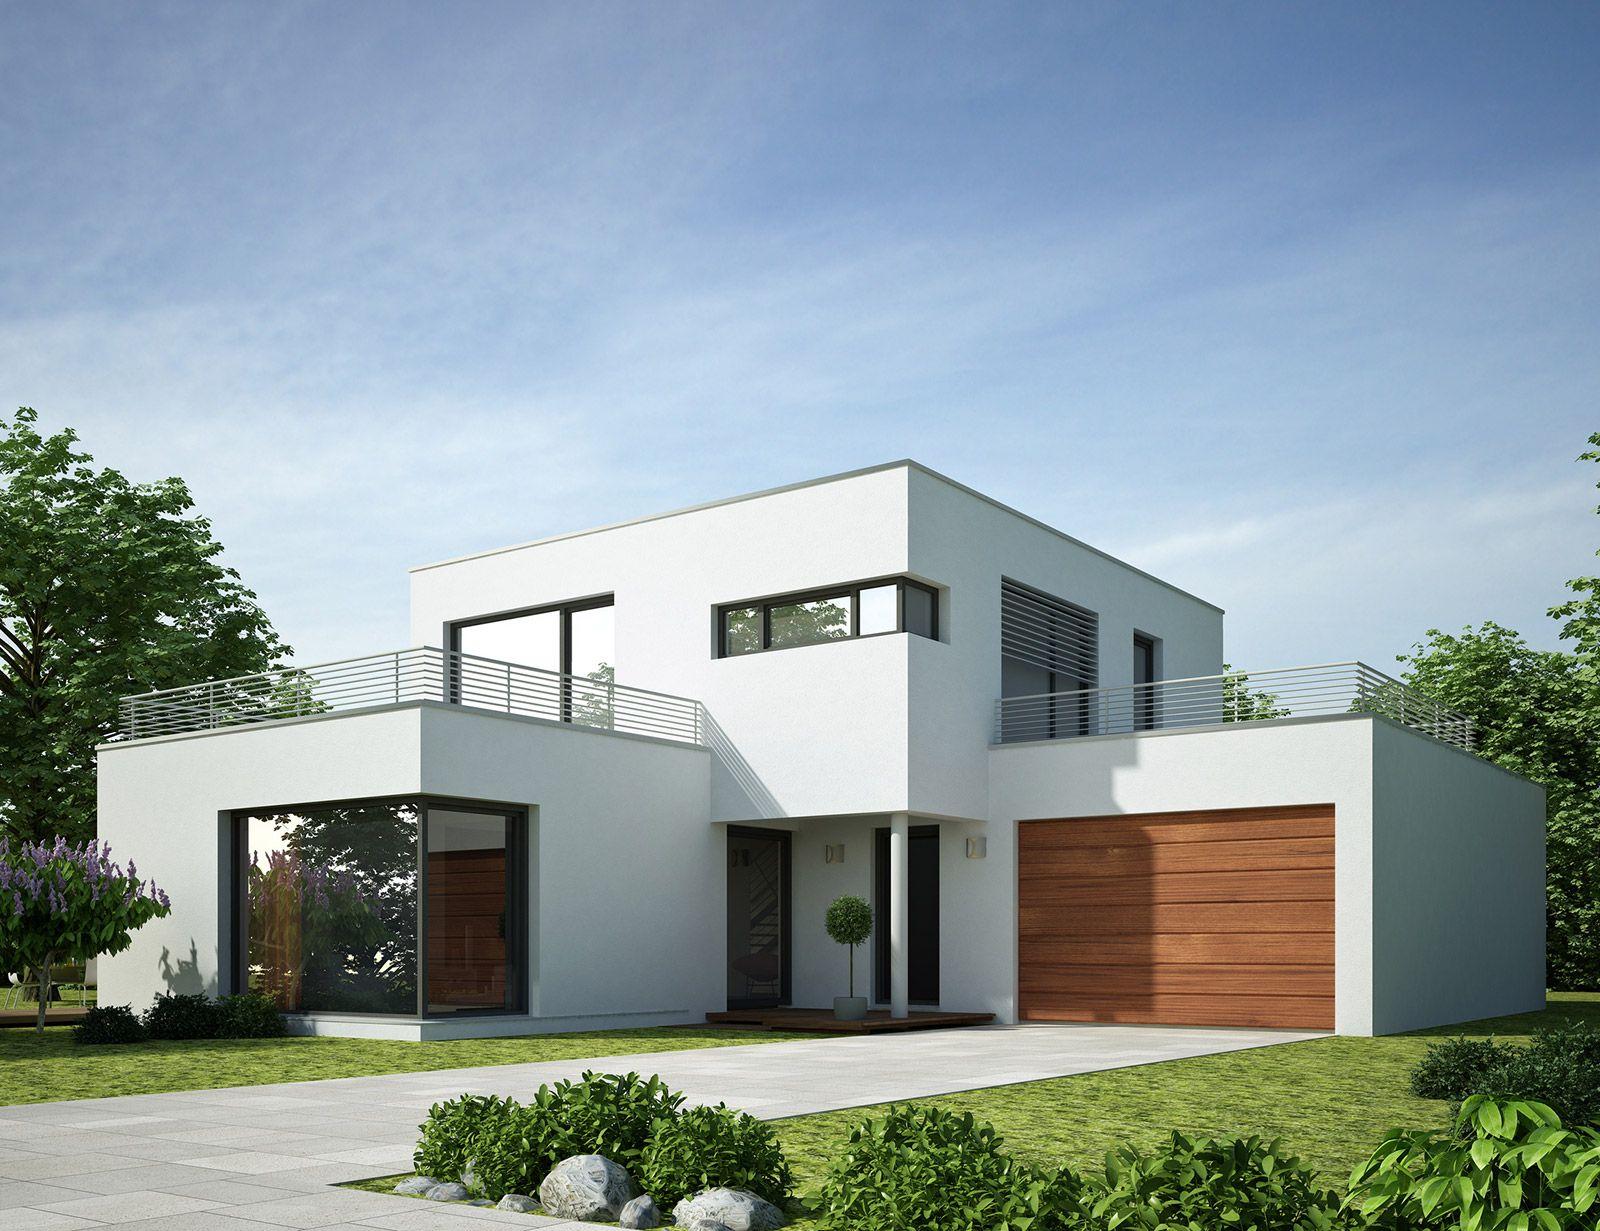 Kleines haus zu hause exterieur-design pin von k auf häuser  pinterest  haus moderne häuser und modern